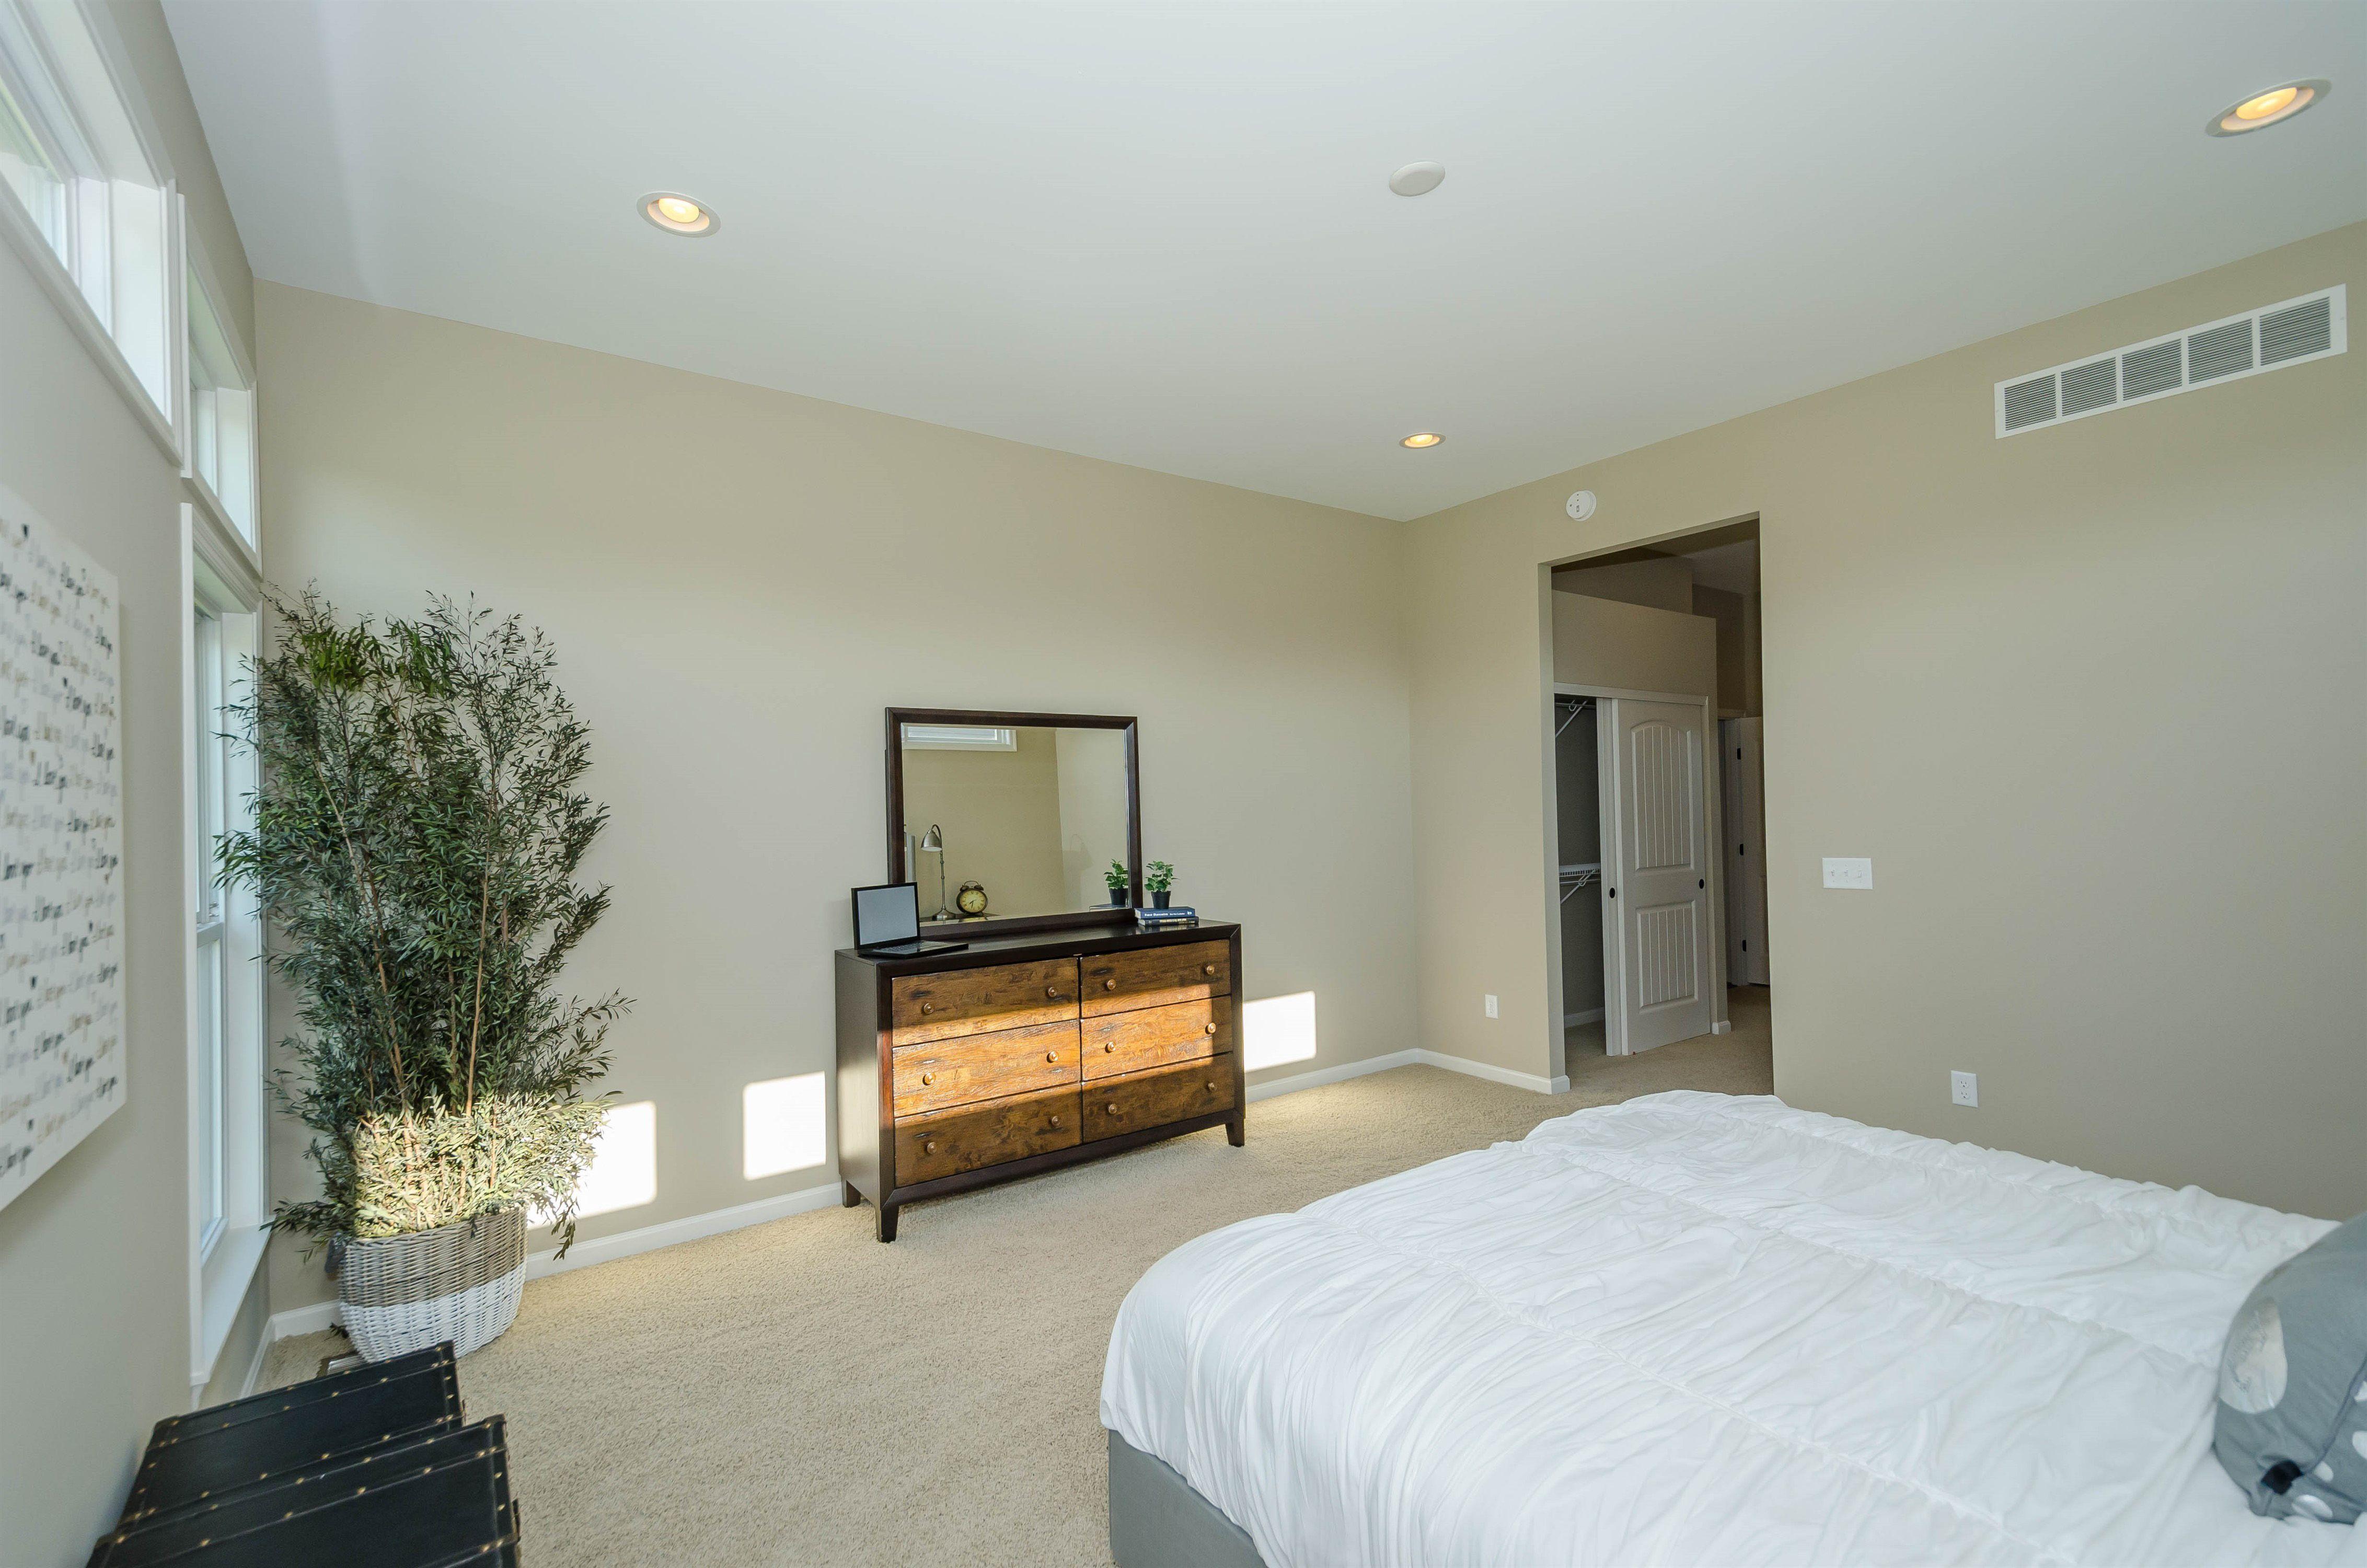 Bedroom featured in the Hayden By Fischer Homes  in Columbus, OH